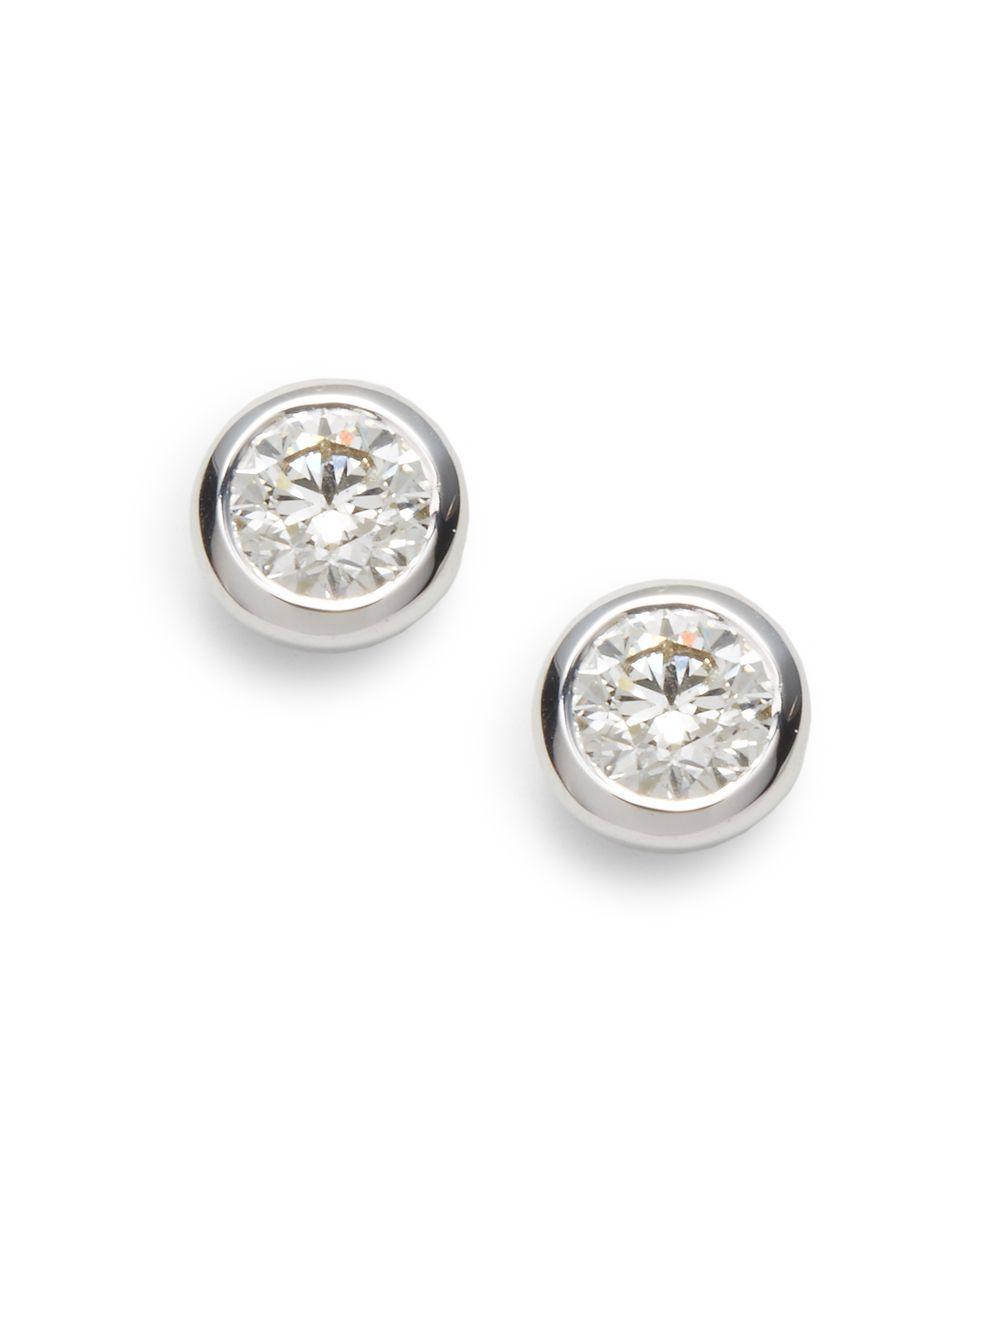 Roberto Coin 1.2 Tcw Diamond & 18K White Gold Stud